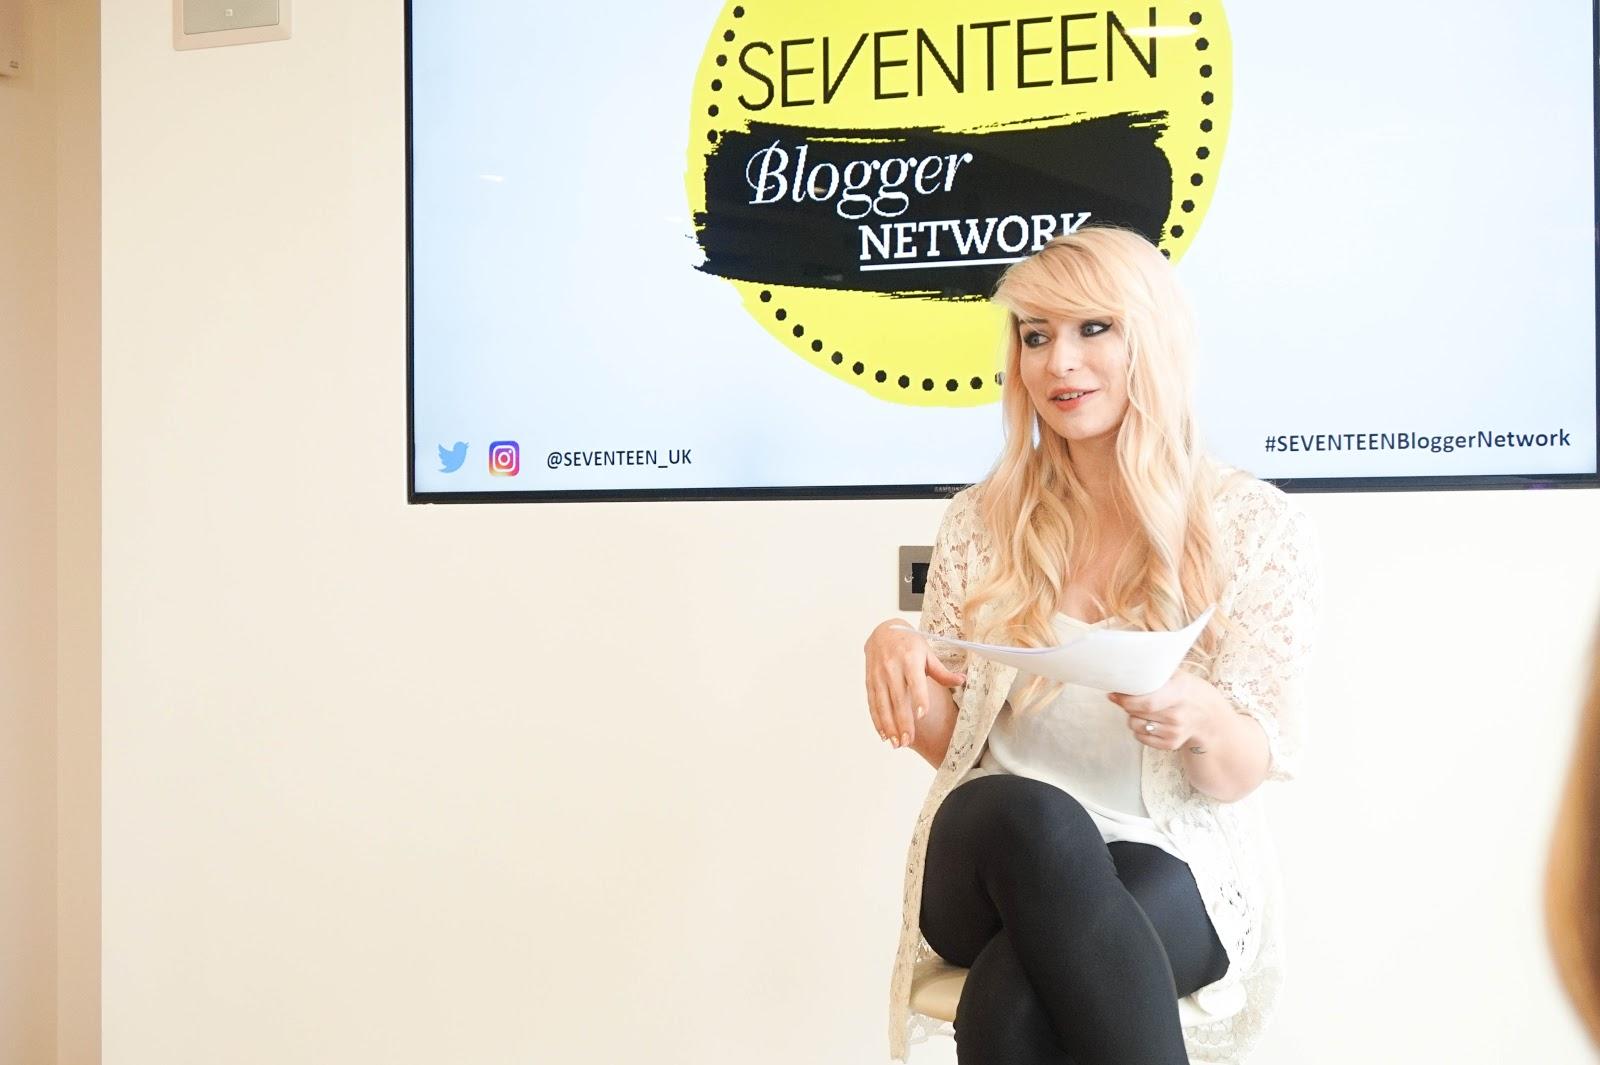 Seventeen Blogger Network